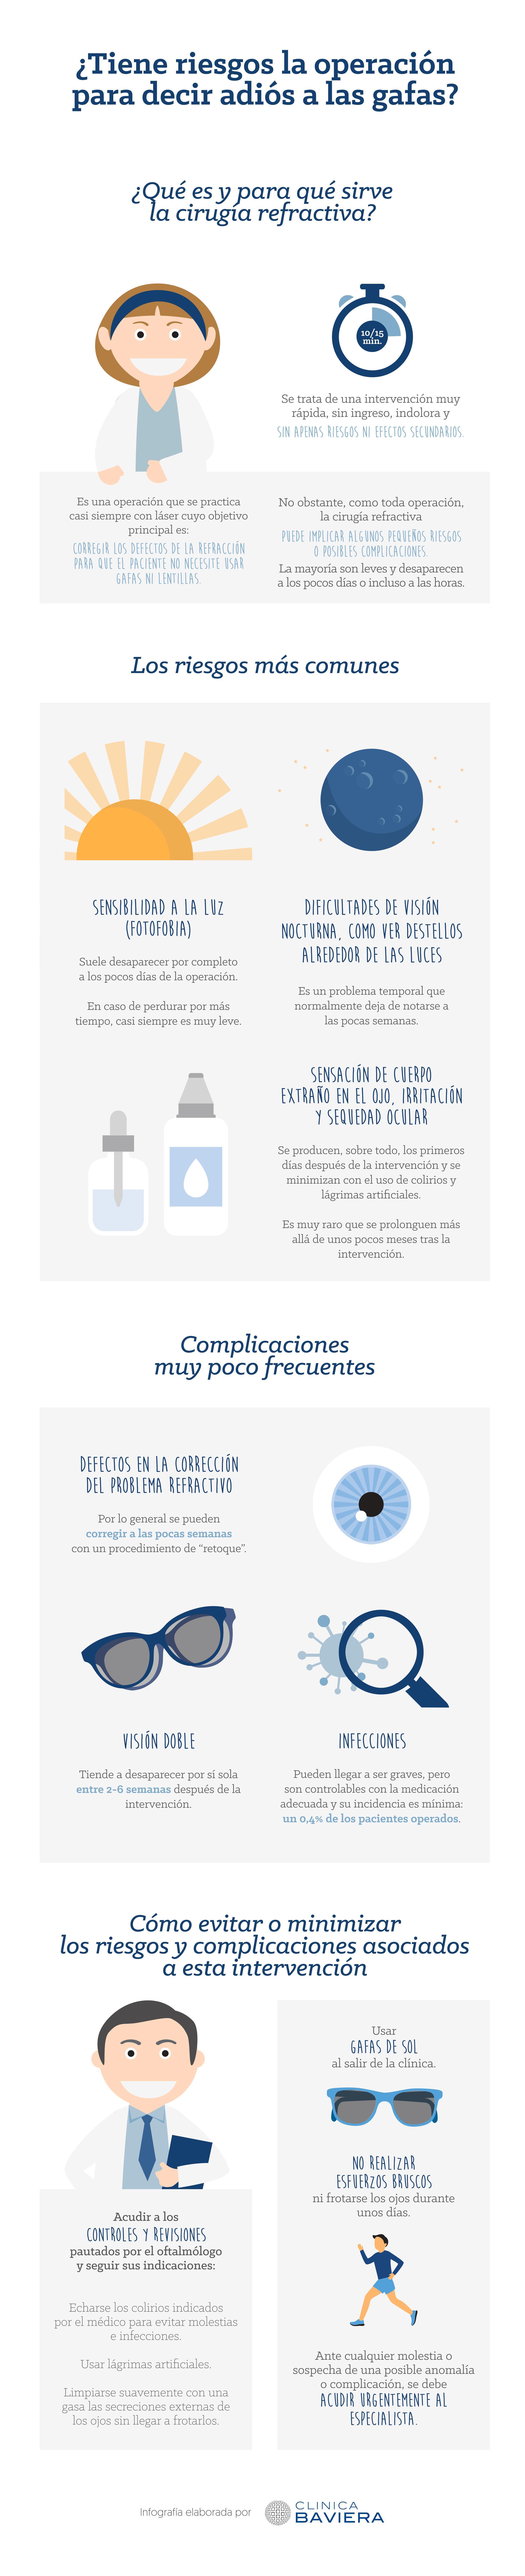 Infografía riesgos operacion ojos